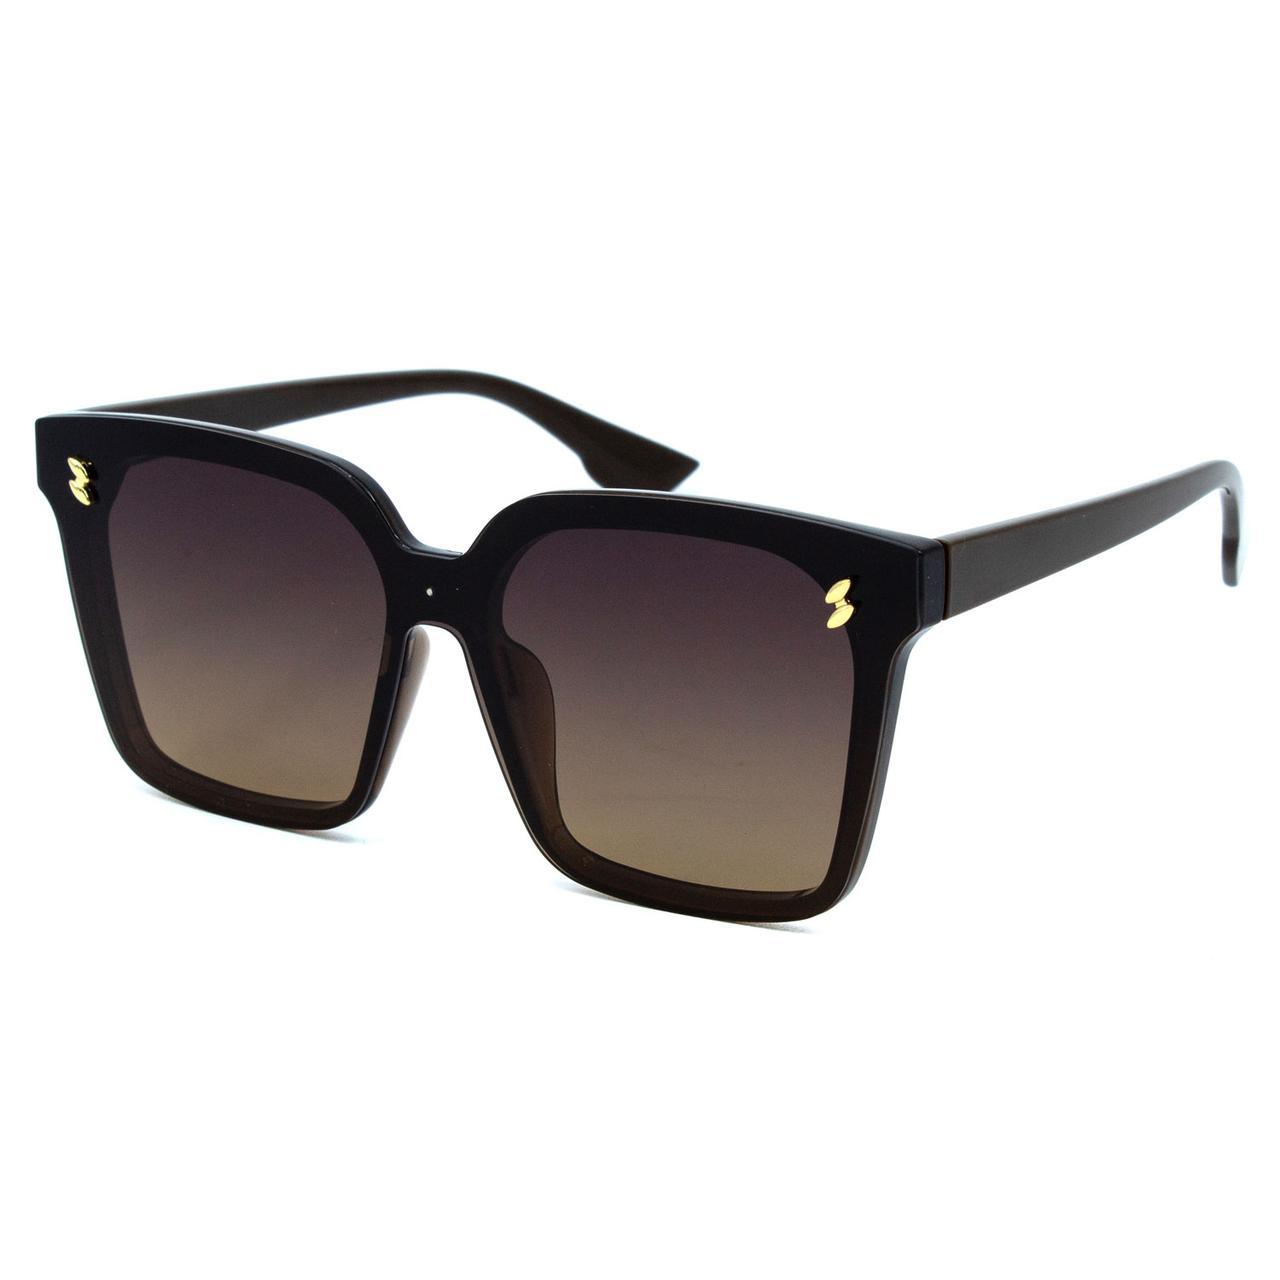 Солнцезащитные очки Marmilen TR-90 3974S C3 коричневые    ( 3974S-03 )